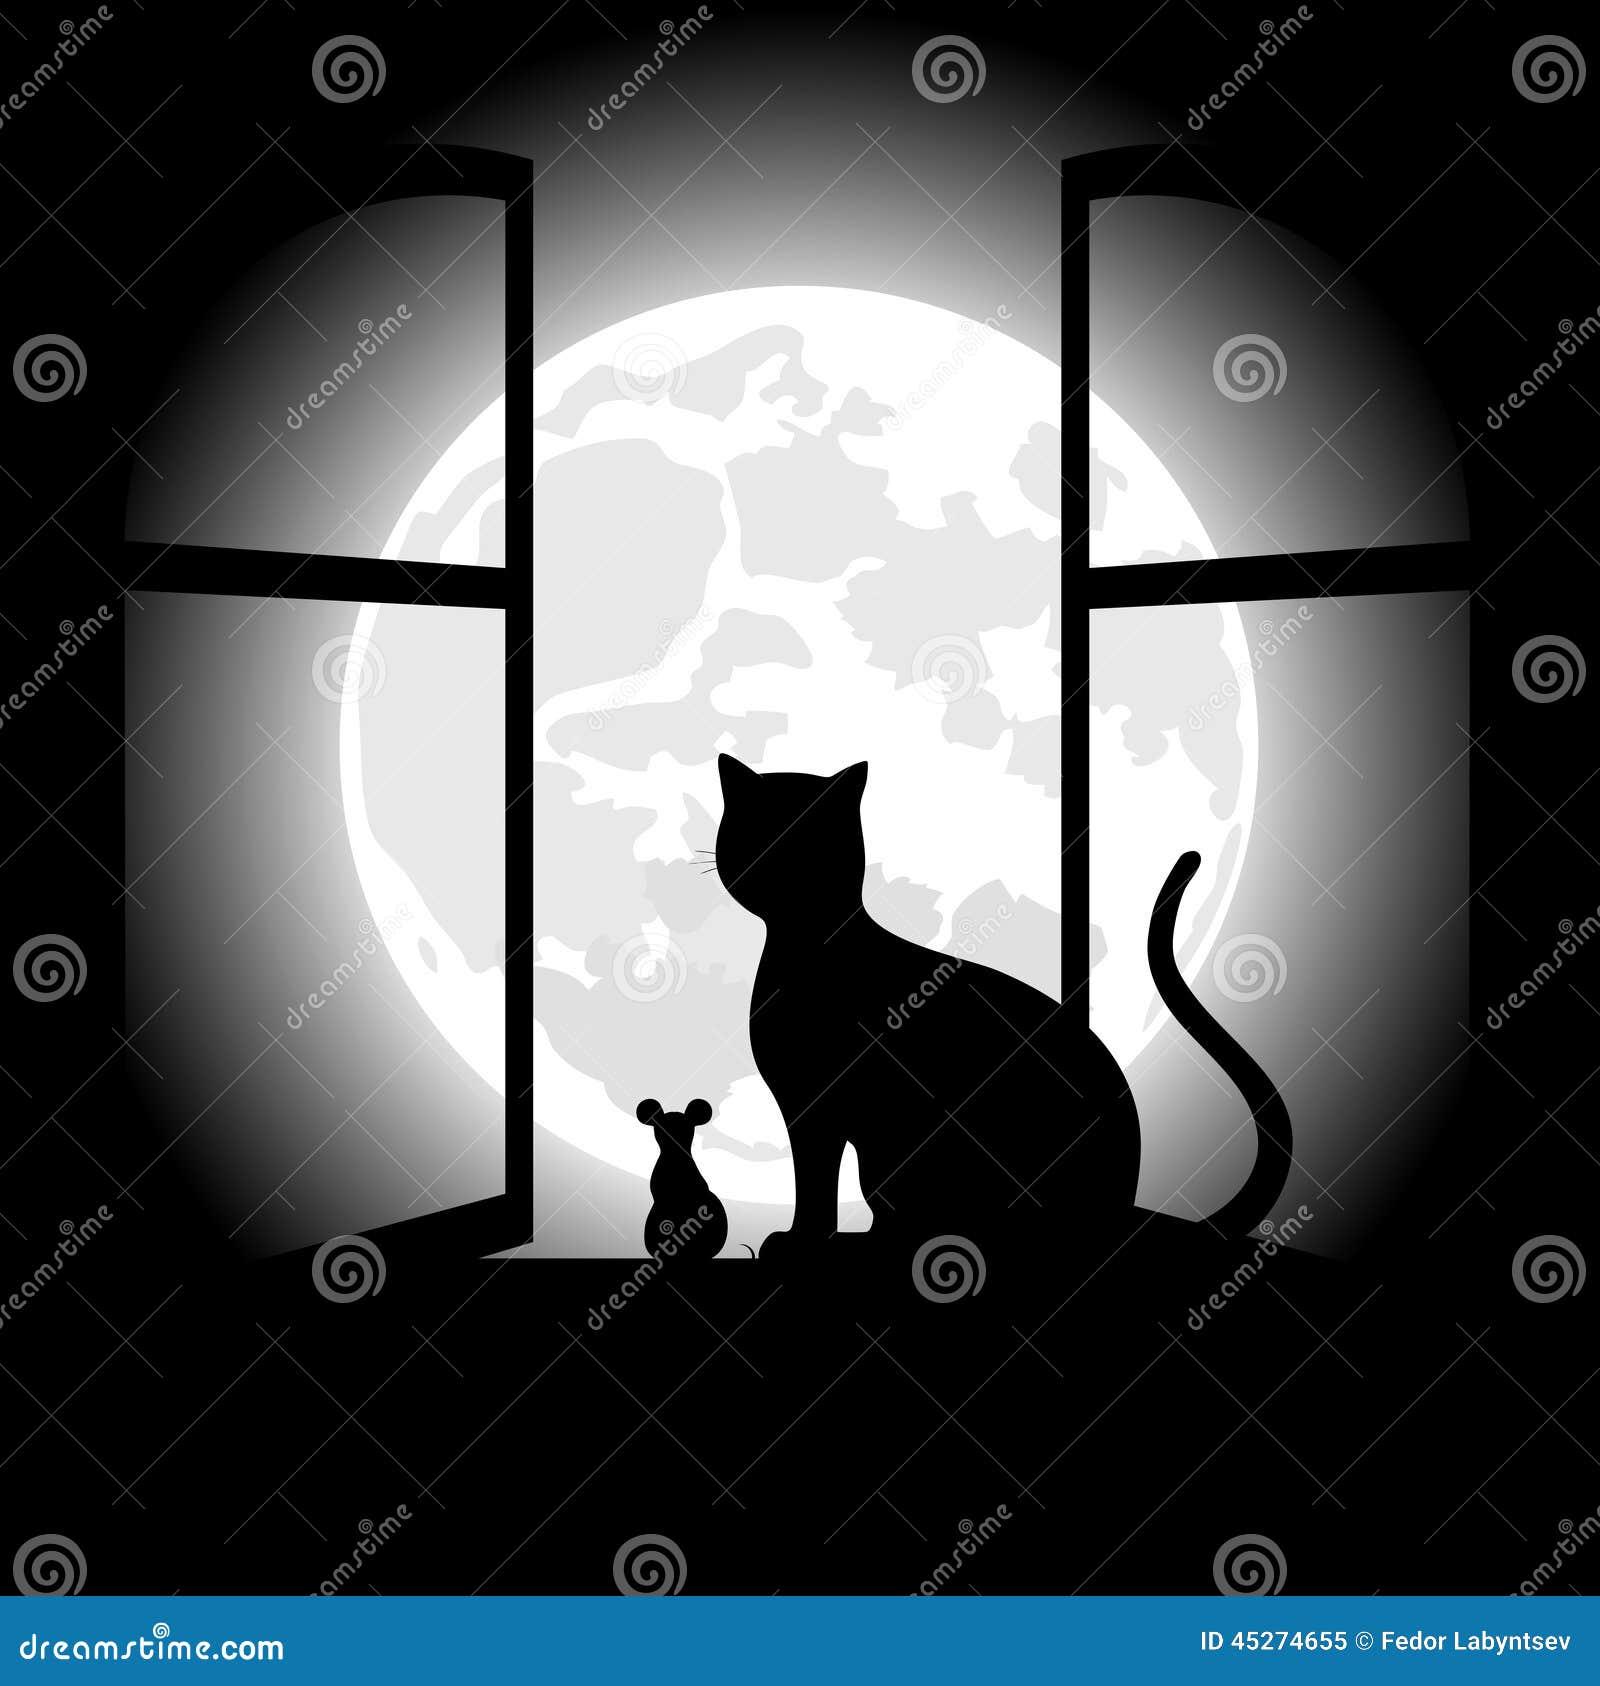 Black Cat Moonlight